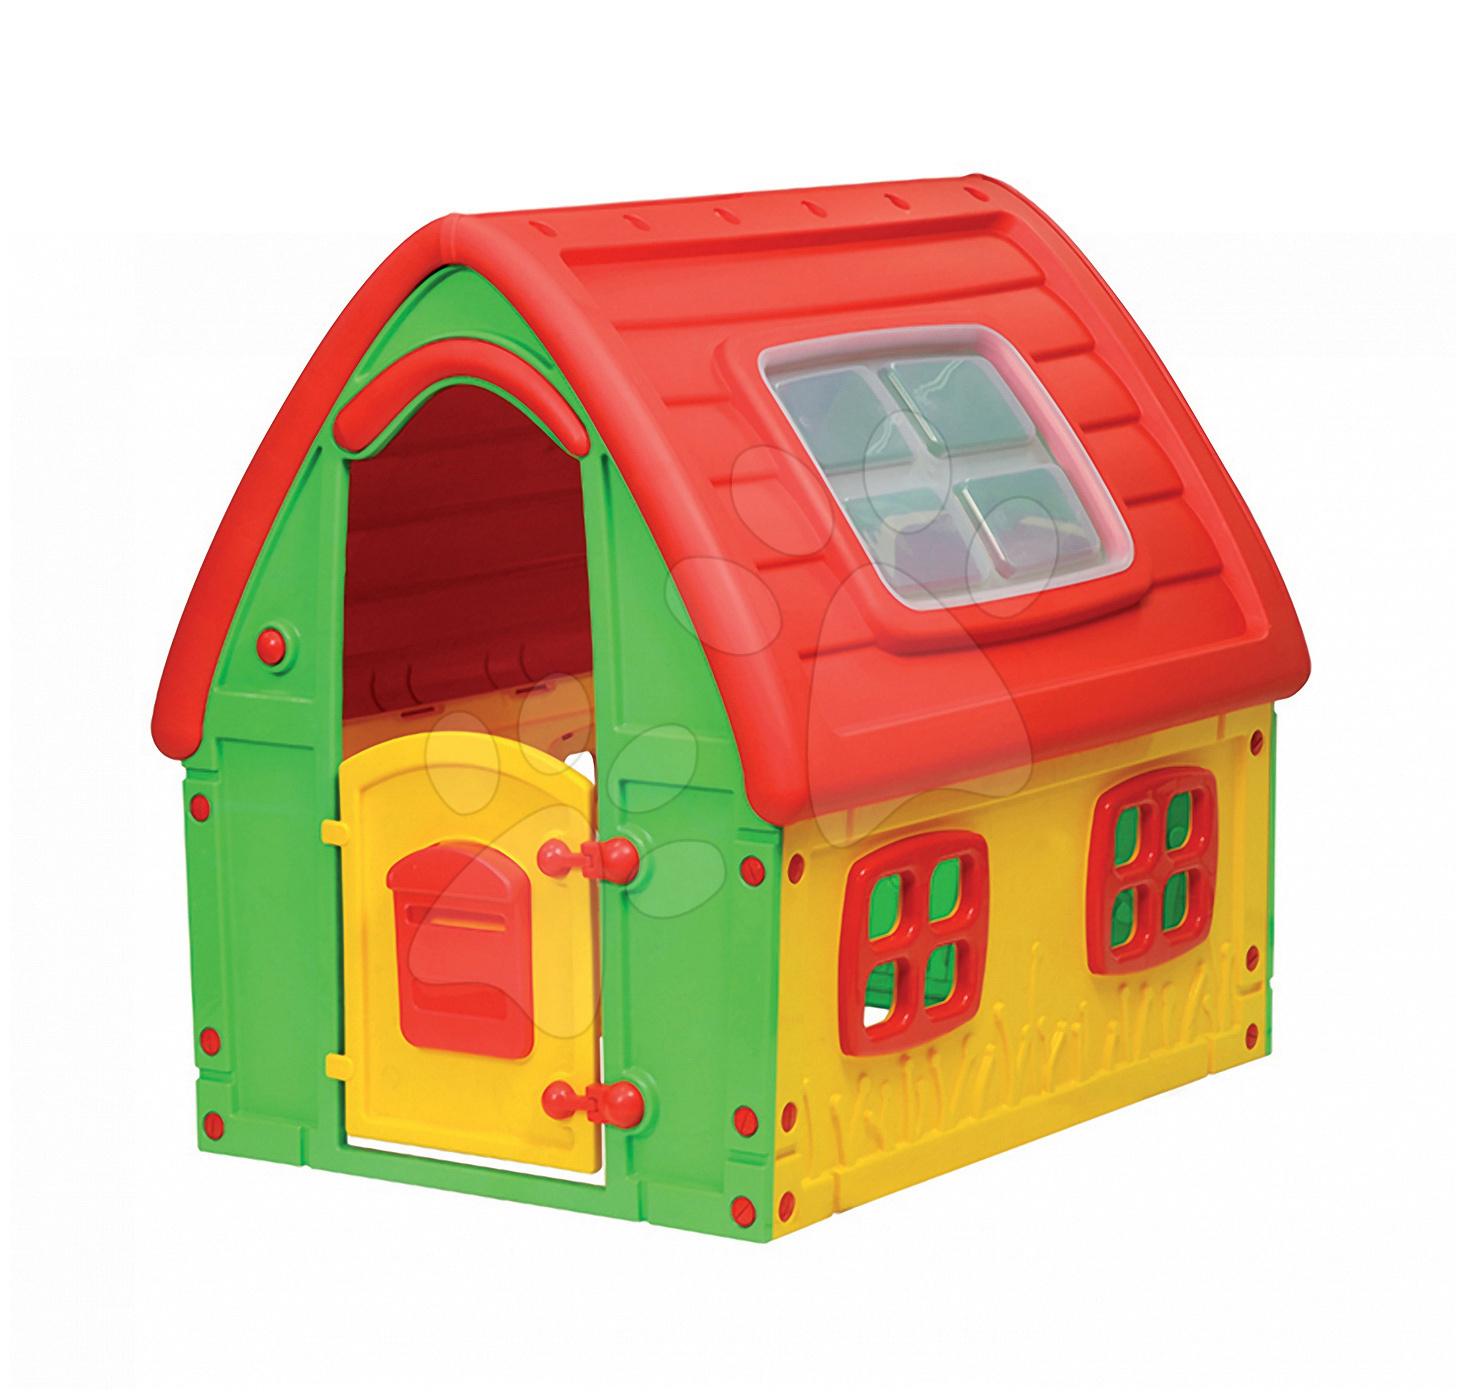 Domečky pro děti - Domeček Fairy House Starplast červeno-zelený od 24 měsíců